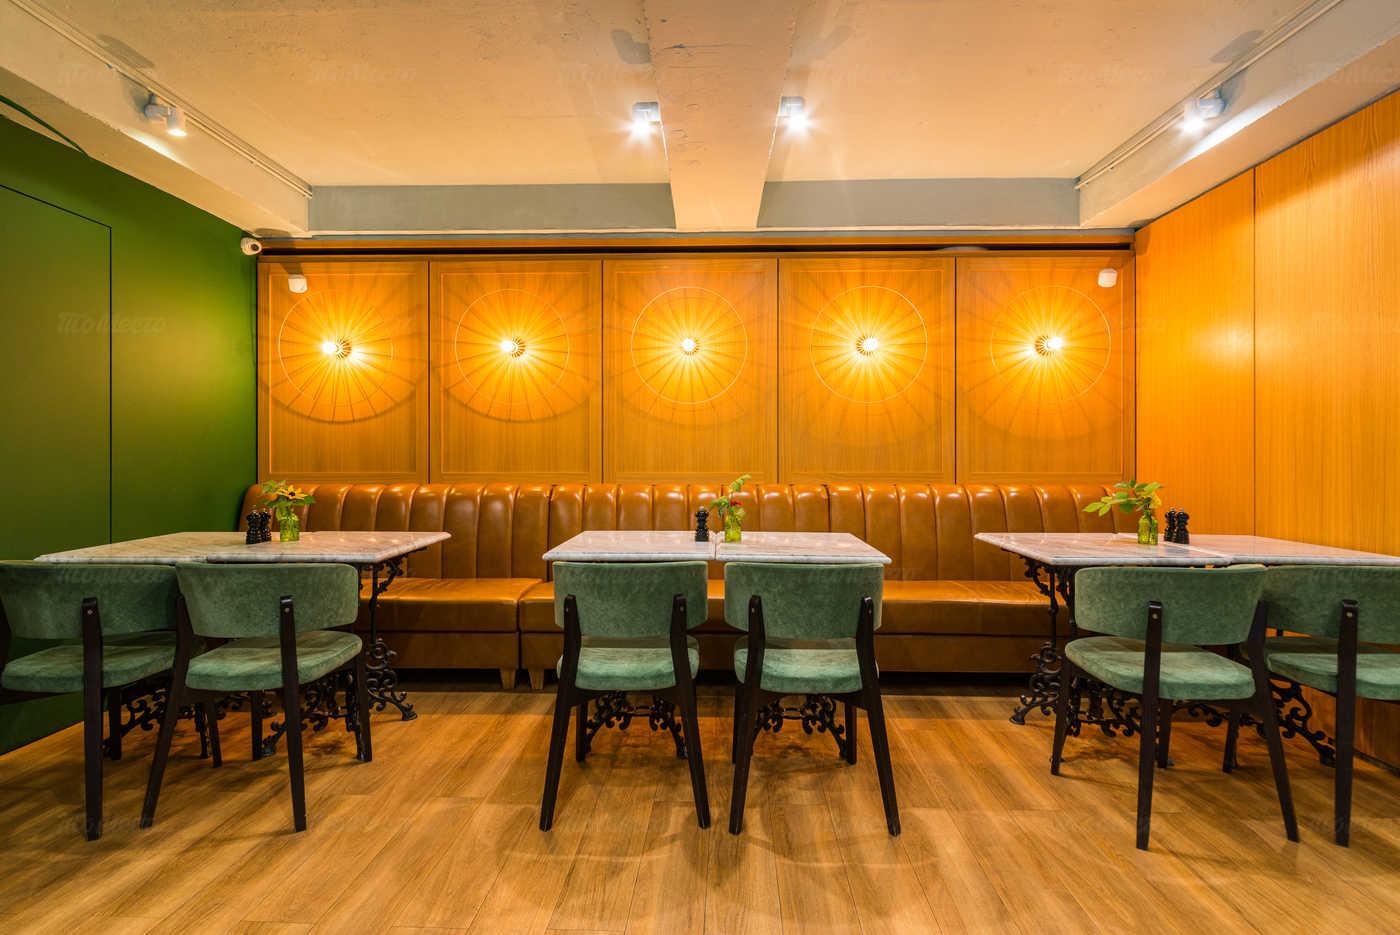 Ресторан Pate & Co на улице Балчуг фото 6